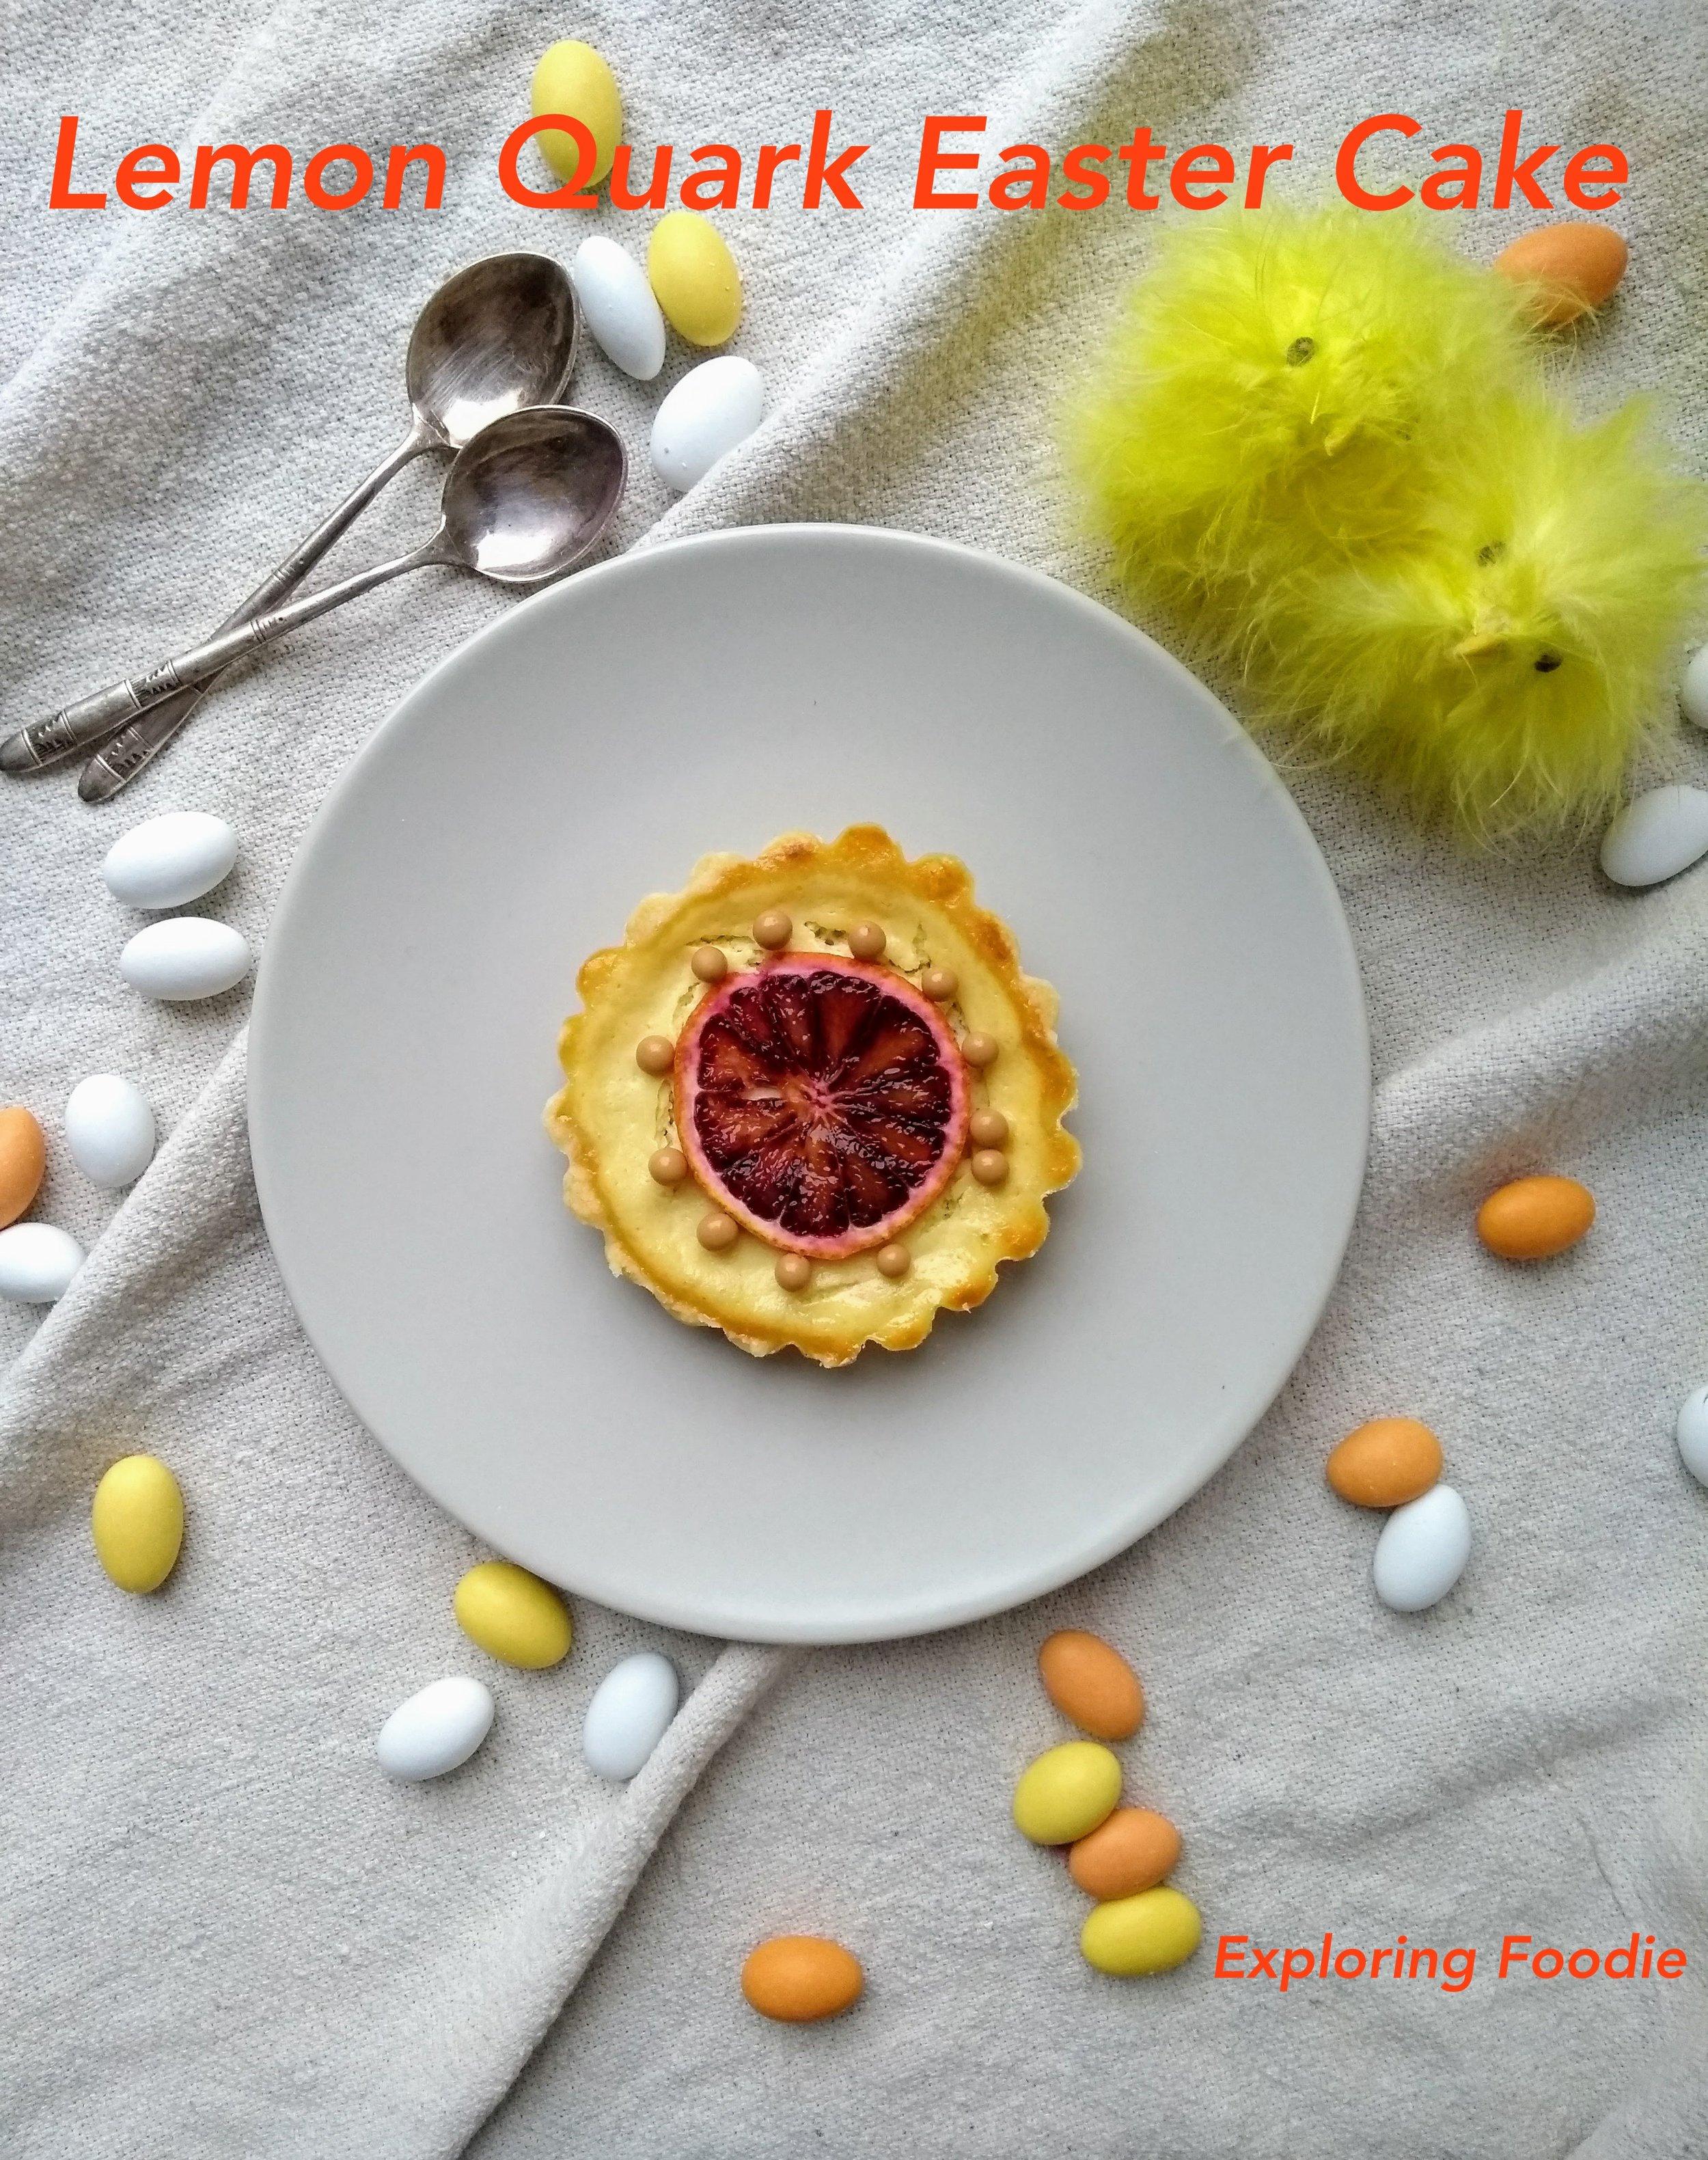 Lemon_Quark_easter_Cake.jpg